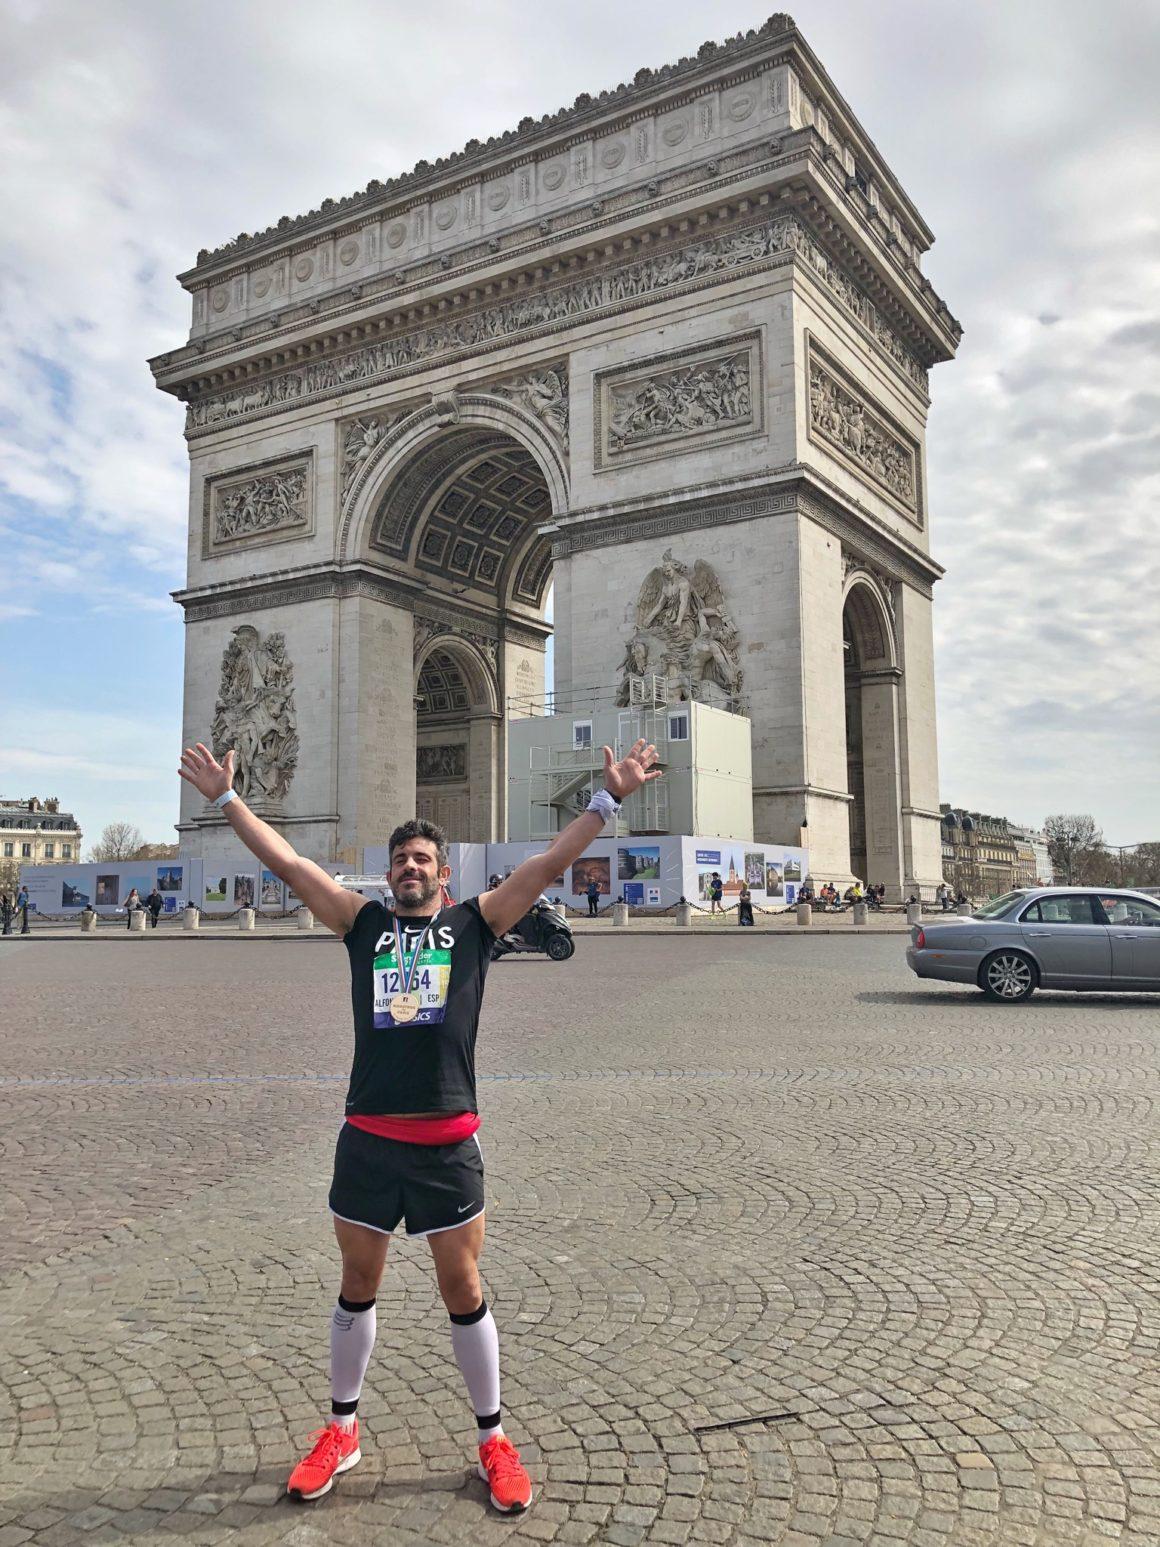 Maratón de París - Paris Marathon maratón de parís - maraton de paris marathon 2 1160x1547 - Maratón de París: análisis, recorrido, entrenamiento y recomendaciones de viaje